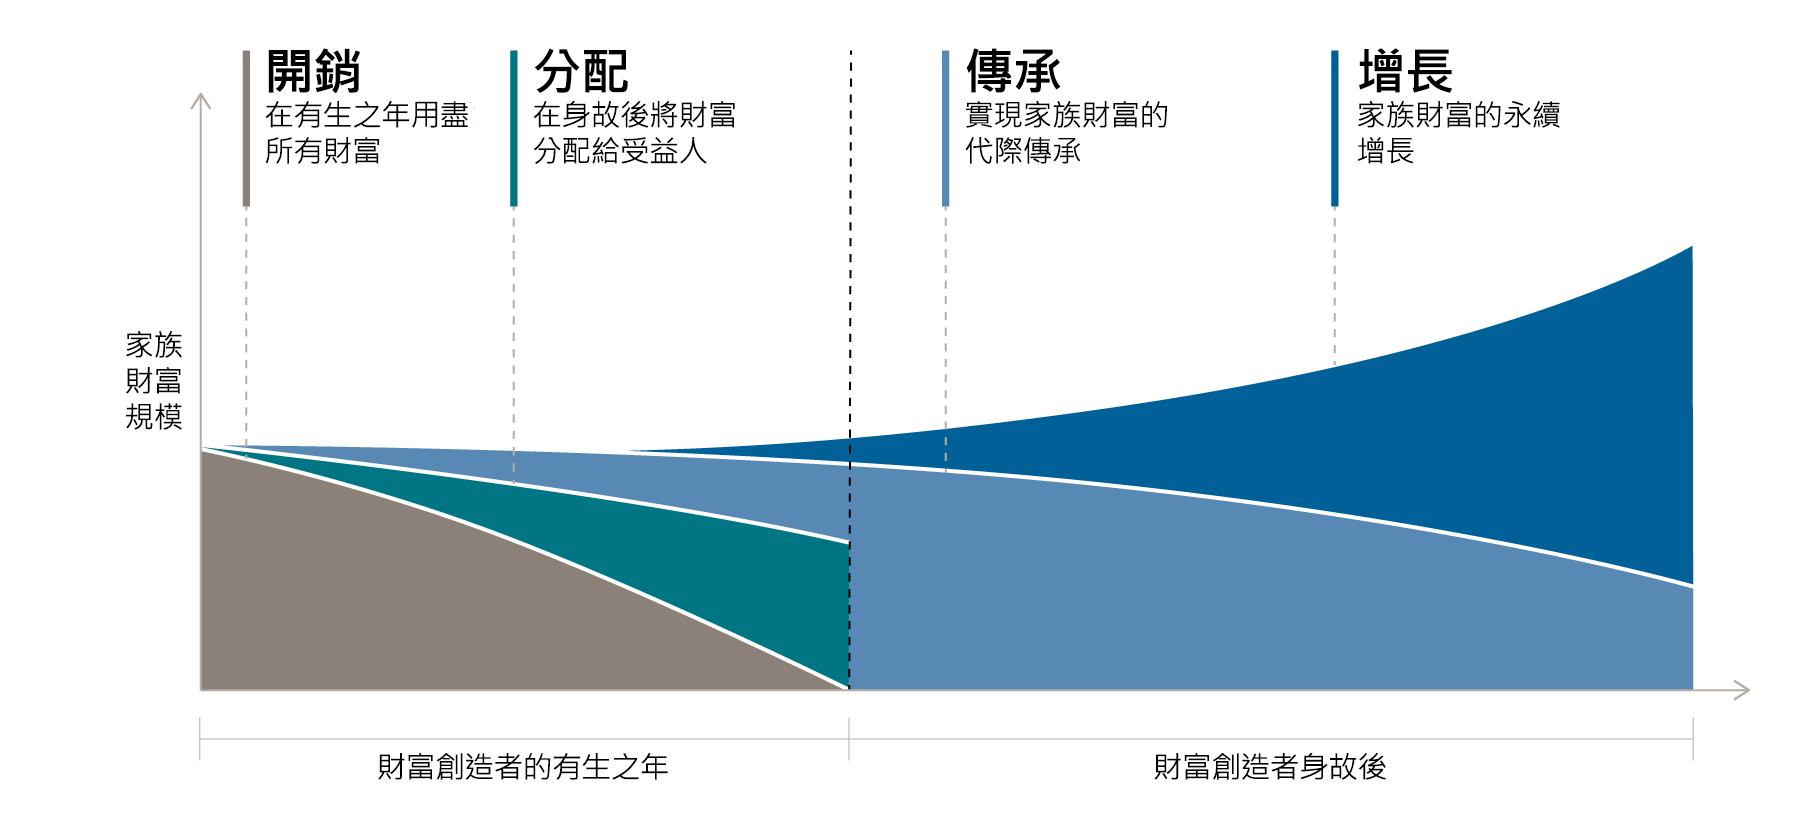 該圖顯示了在創造財富者有生之年及身故後,財富的四個基本意圖是如何演變的。